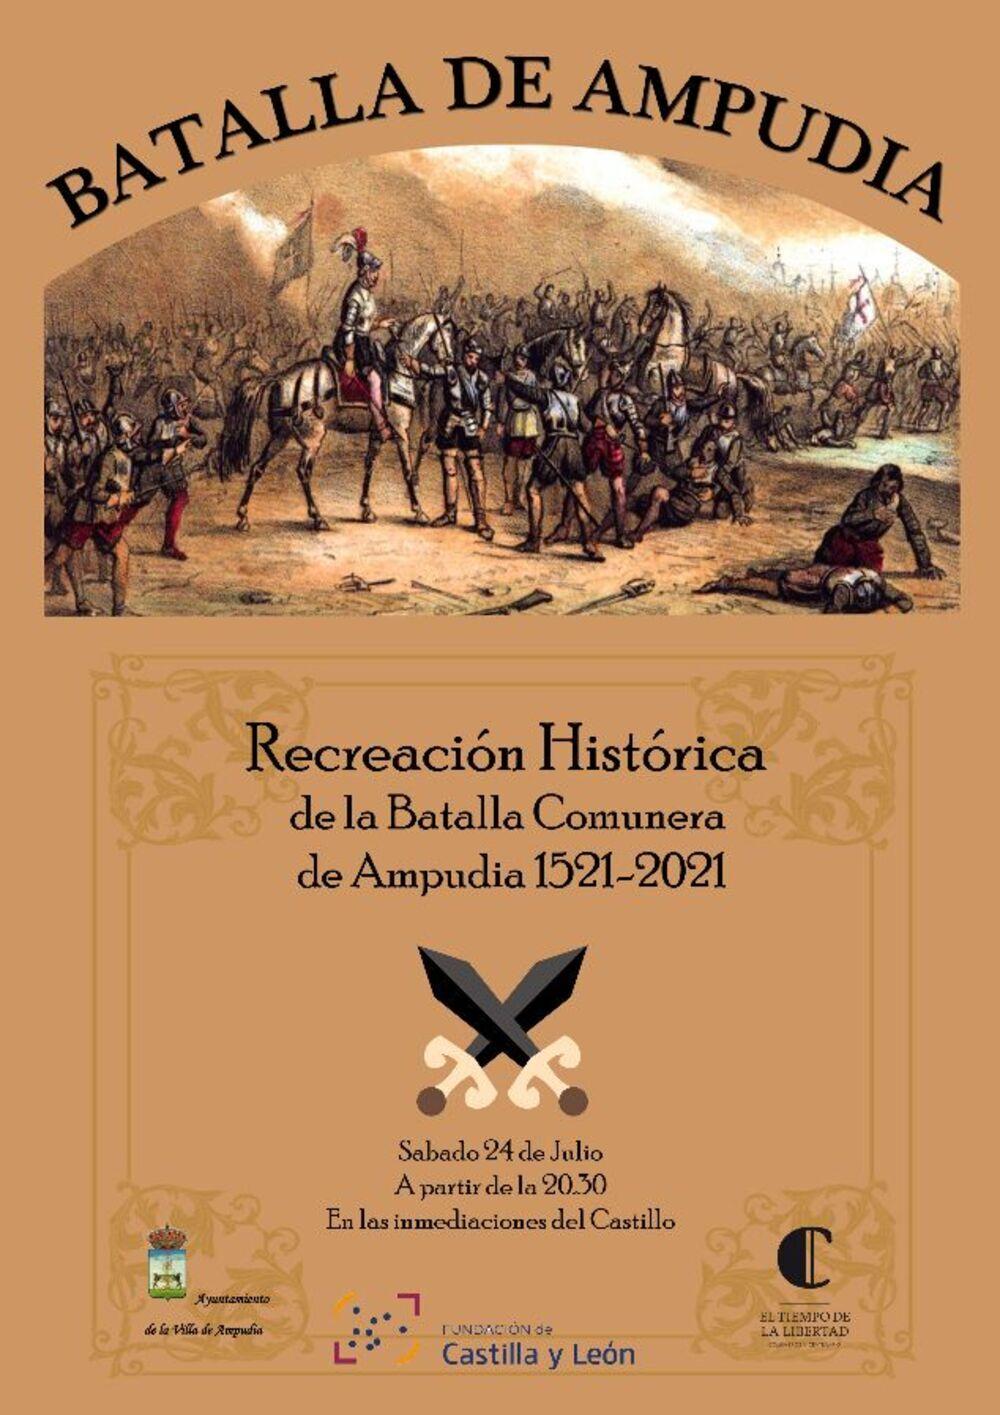 Ampudia recrea mañana la batalla comunera de 1521